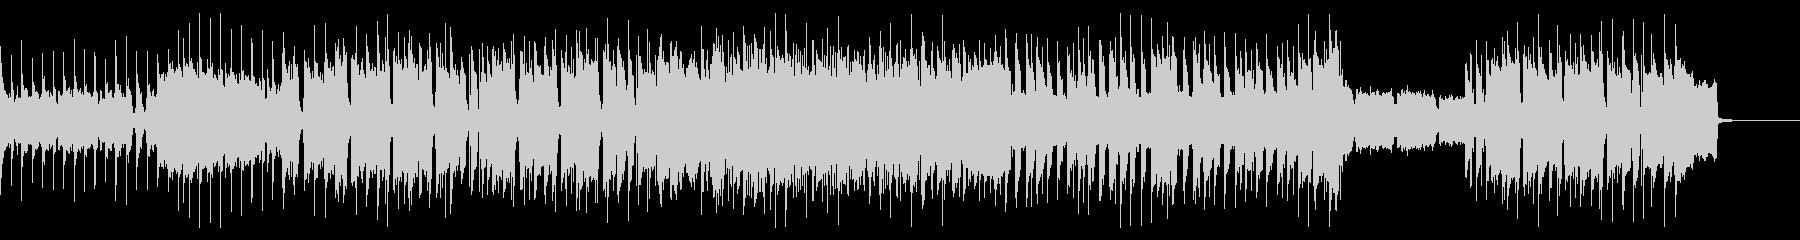 ザ・ロックなギターインストの未再生の波形